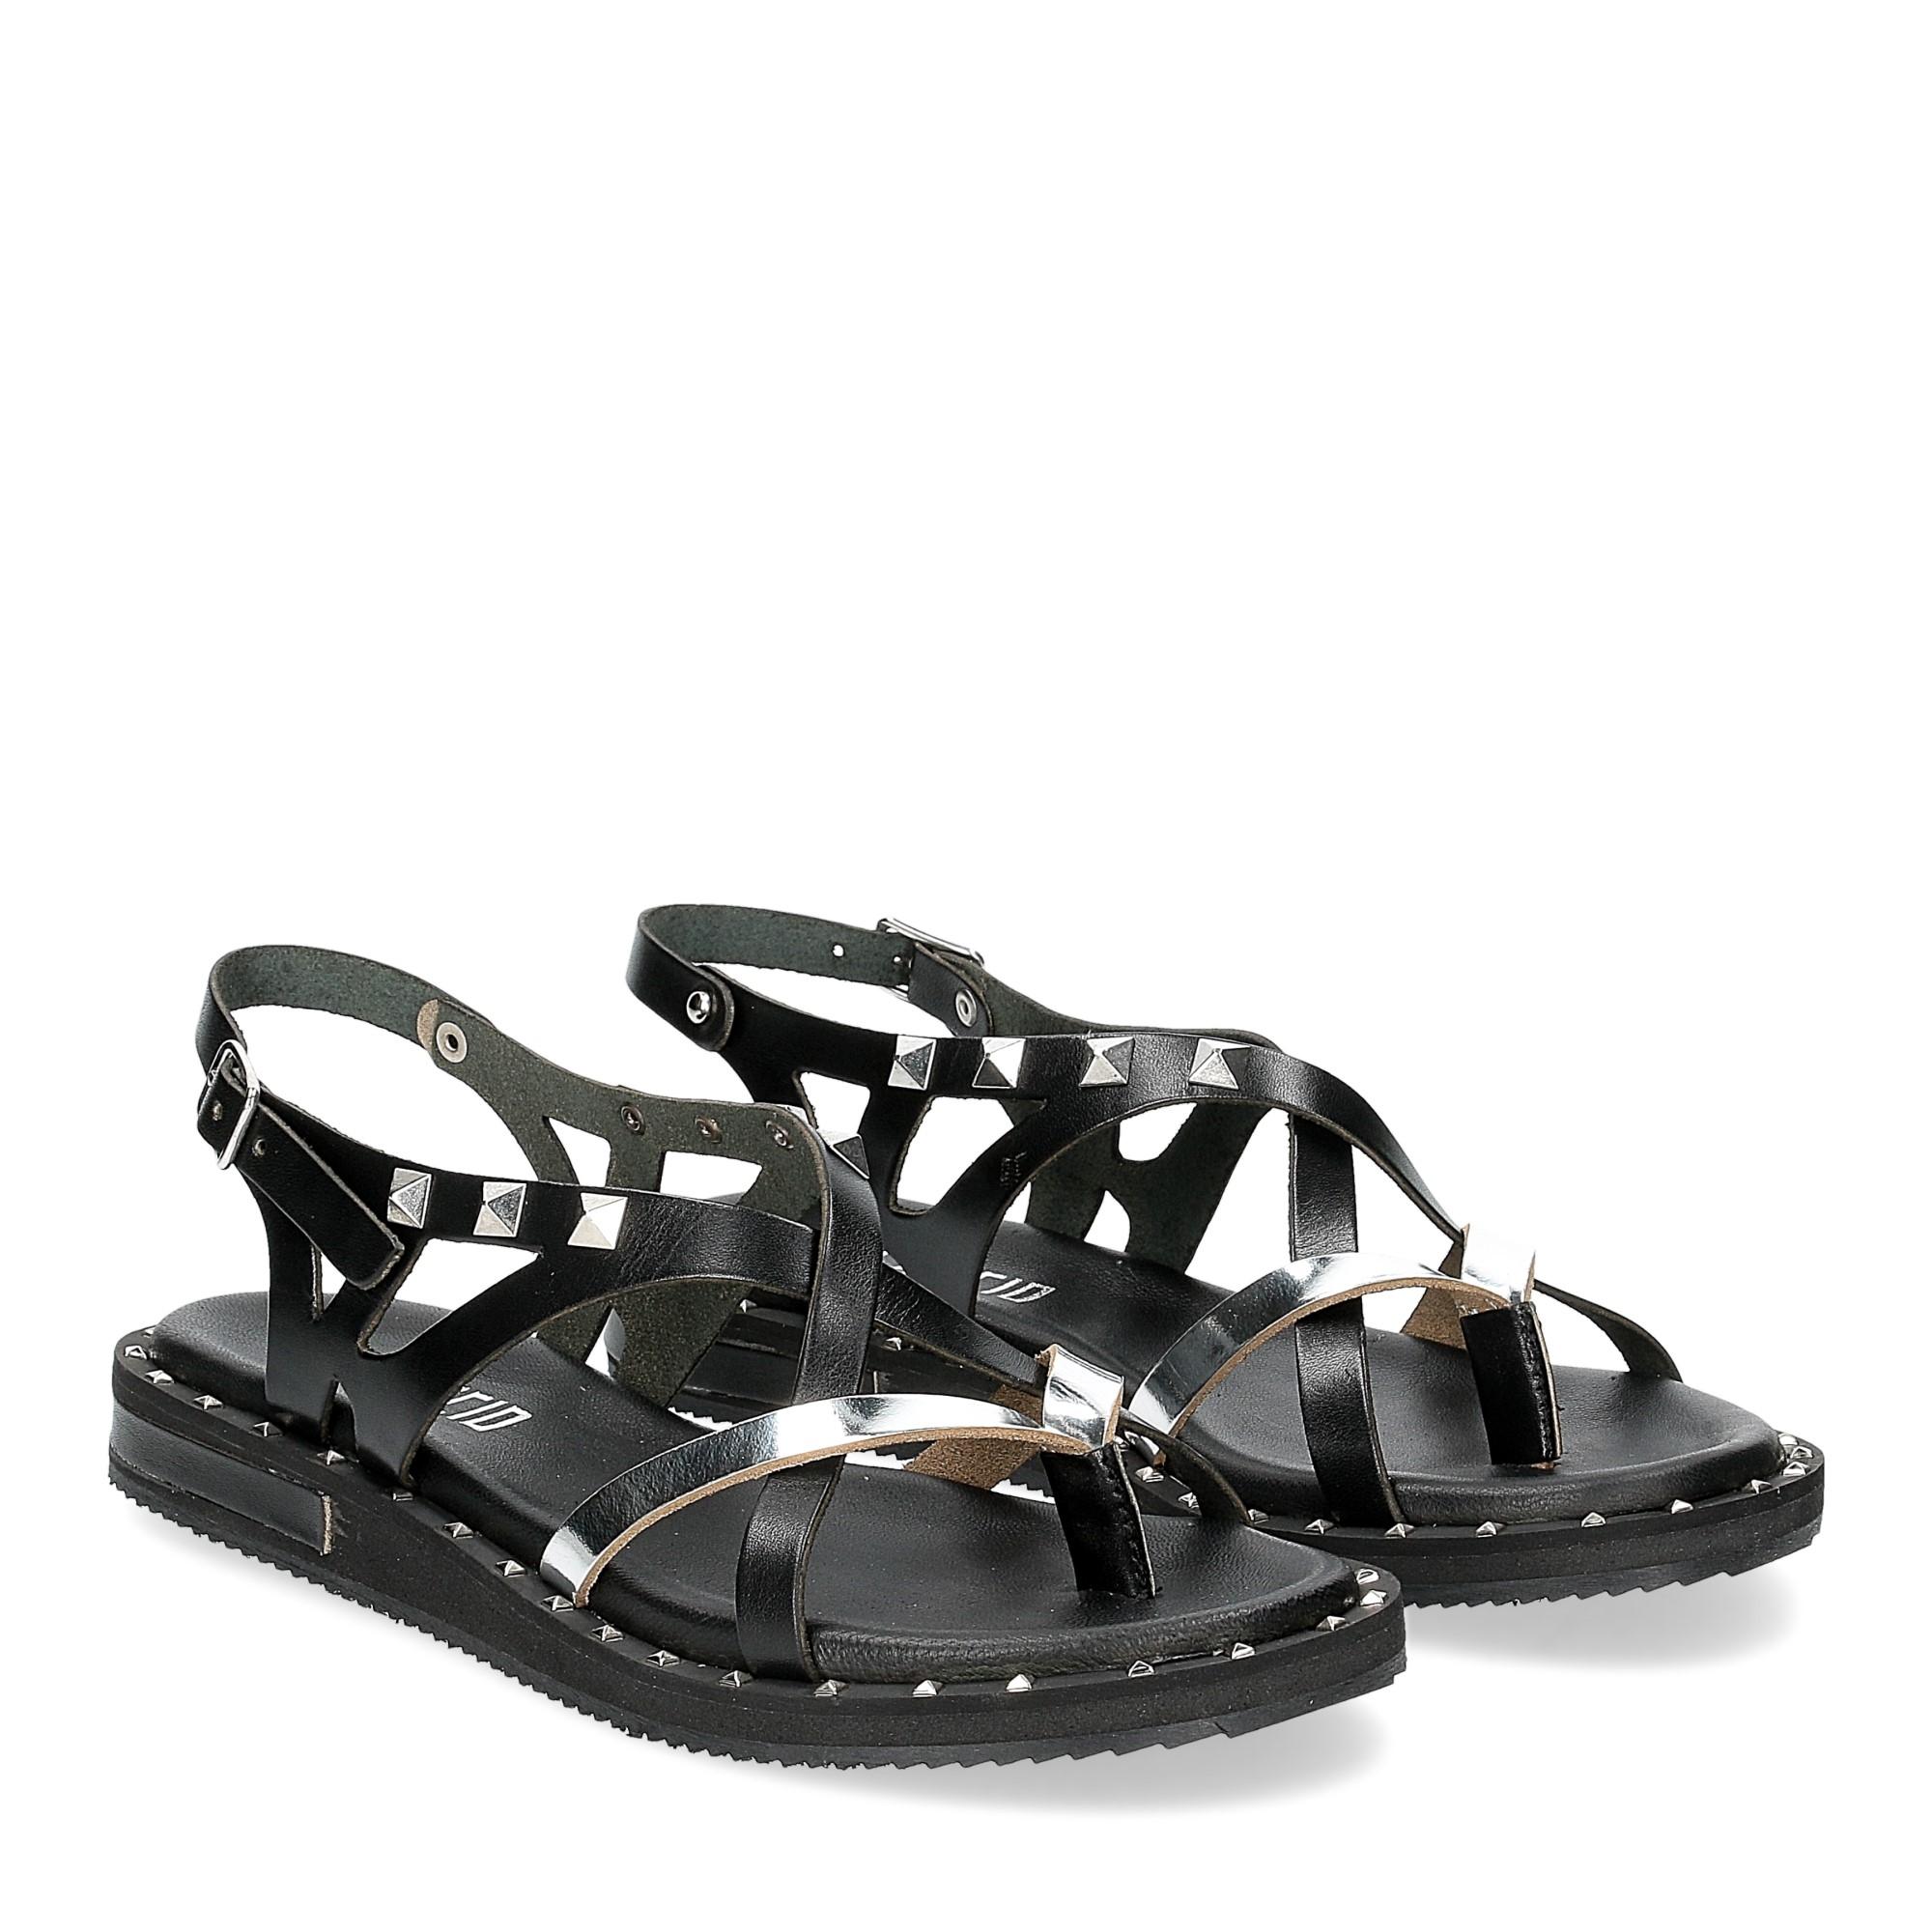 Il Laccio Sandalo infradito in pelle nera e argento con borchie